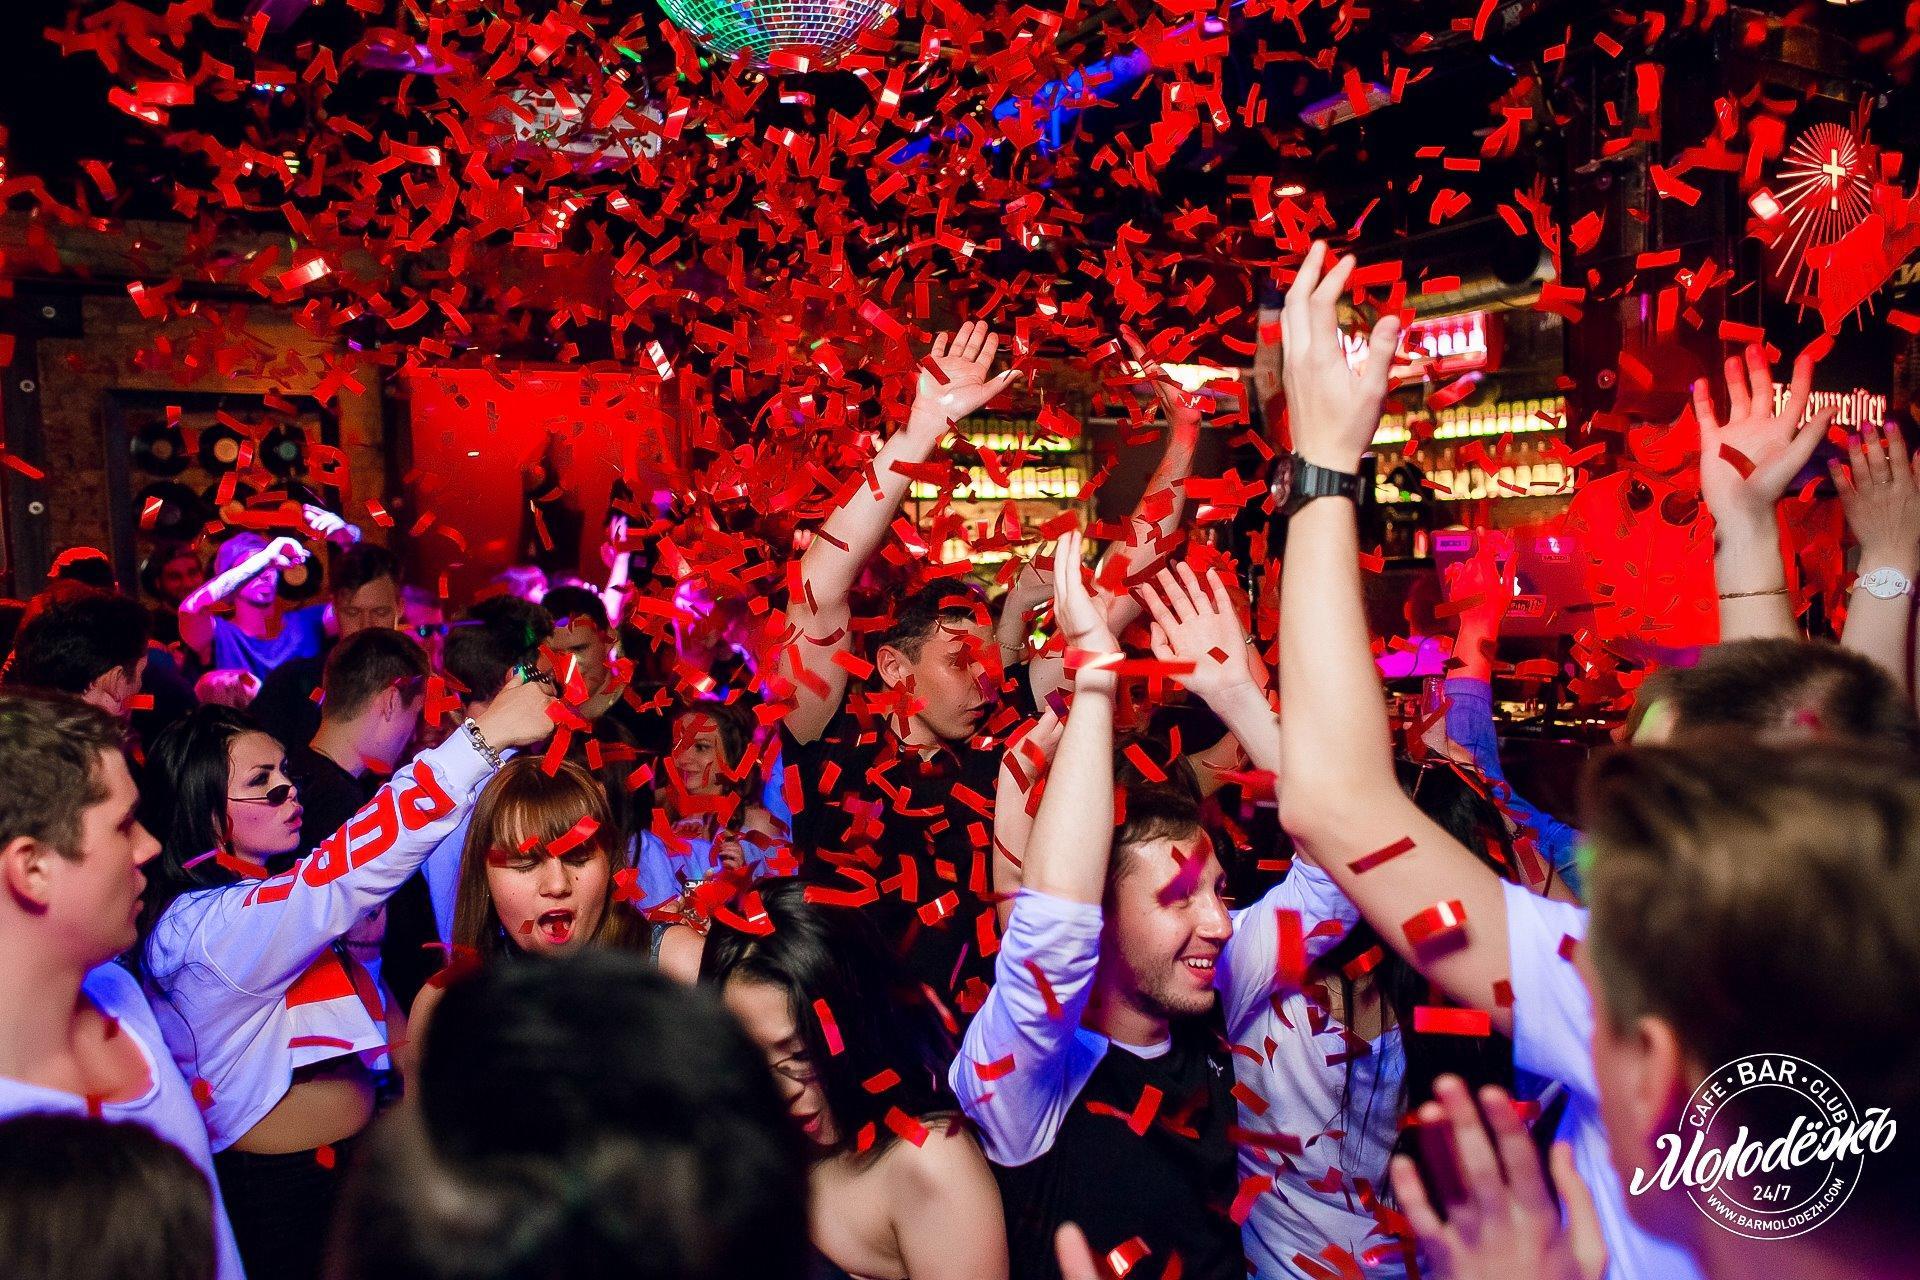 Есть клубы для подростков в москве клуб соломон москва